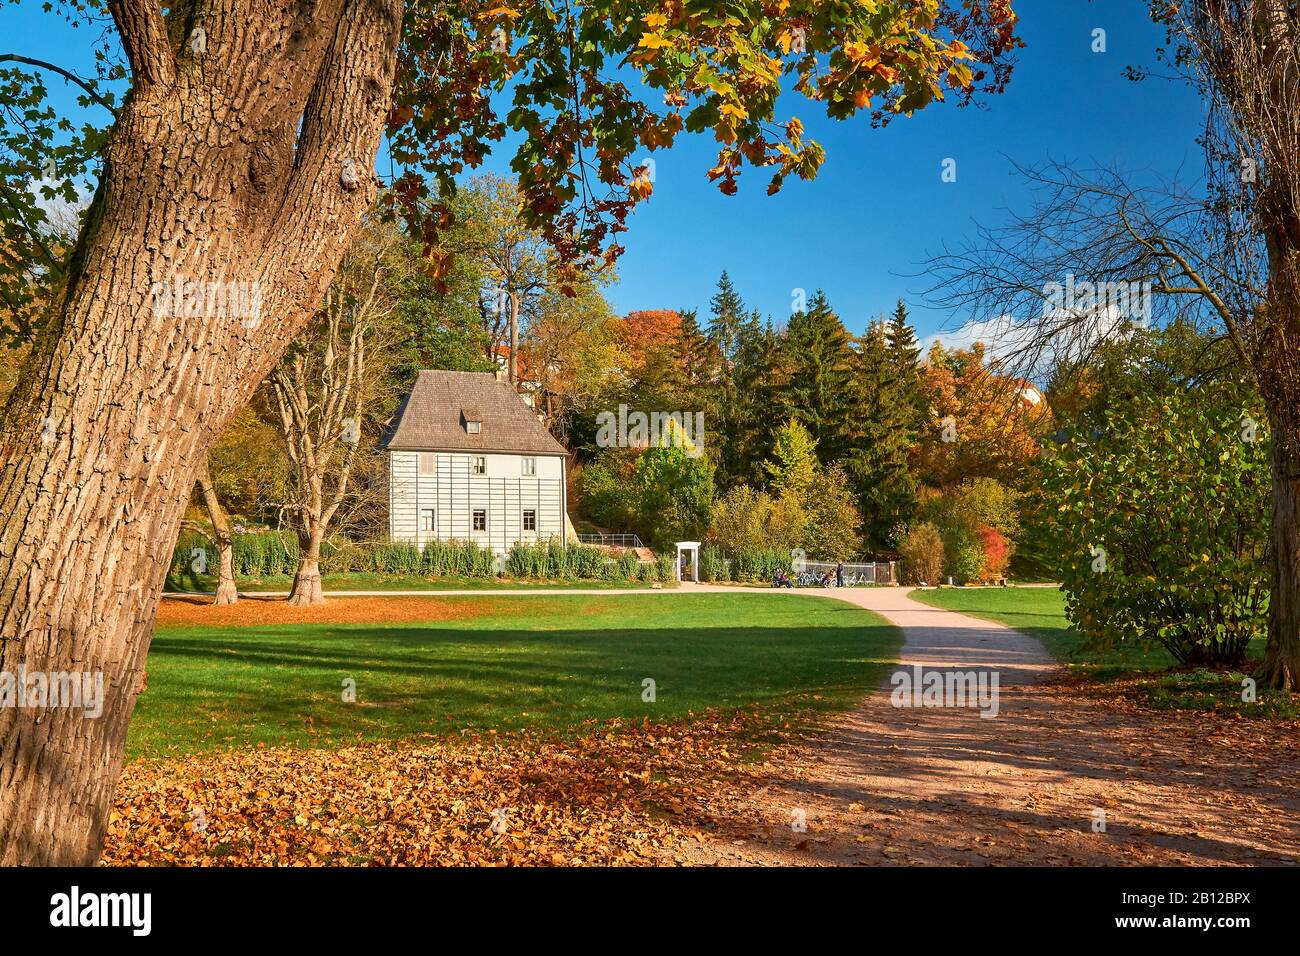 Goethes Gartenhaus im Park an der Ilm, Weimar, Thüringen, Deutschland Stockfoto